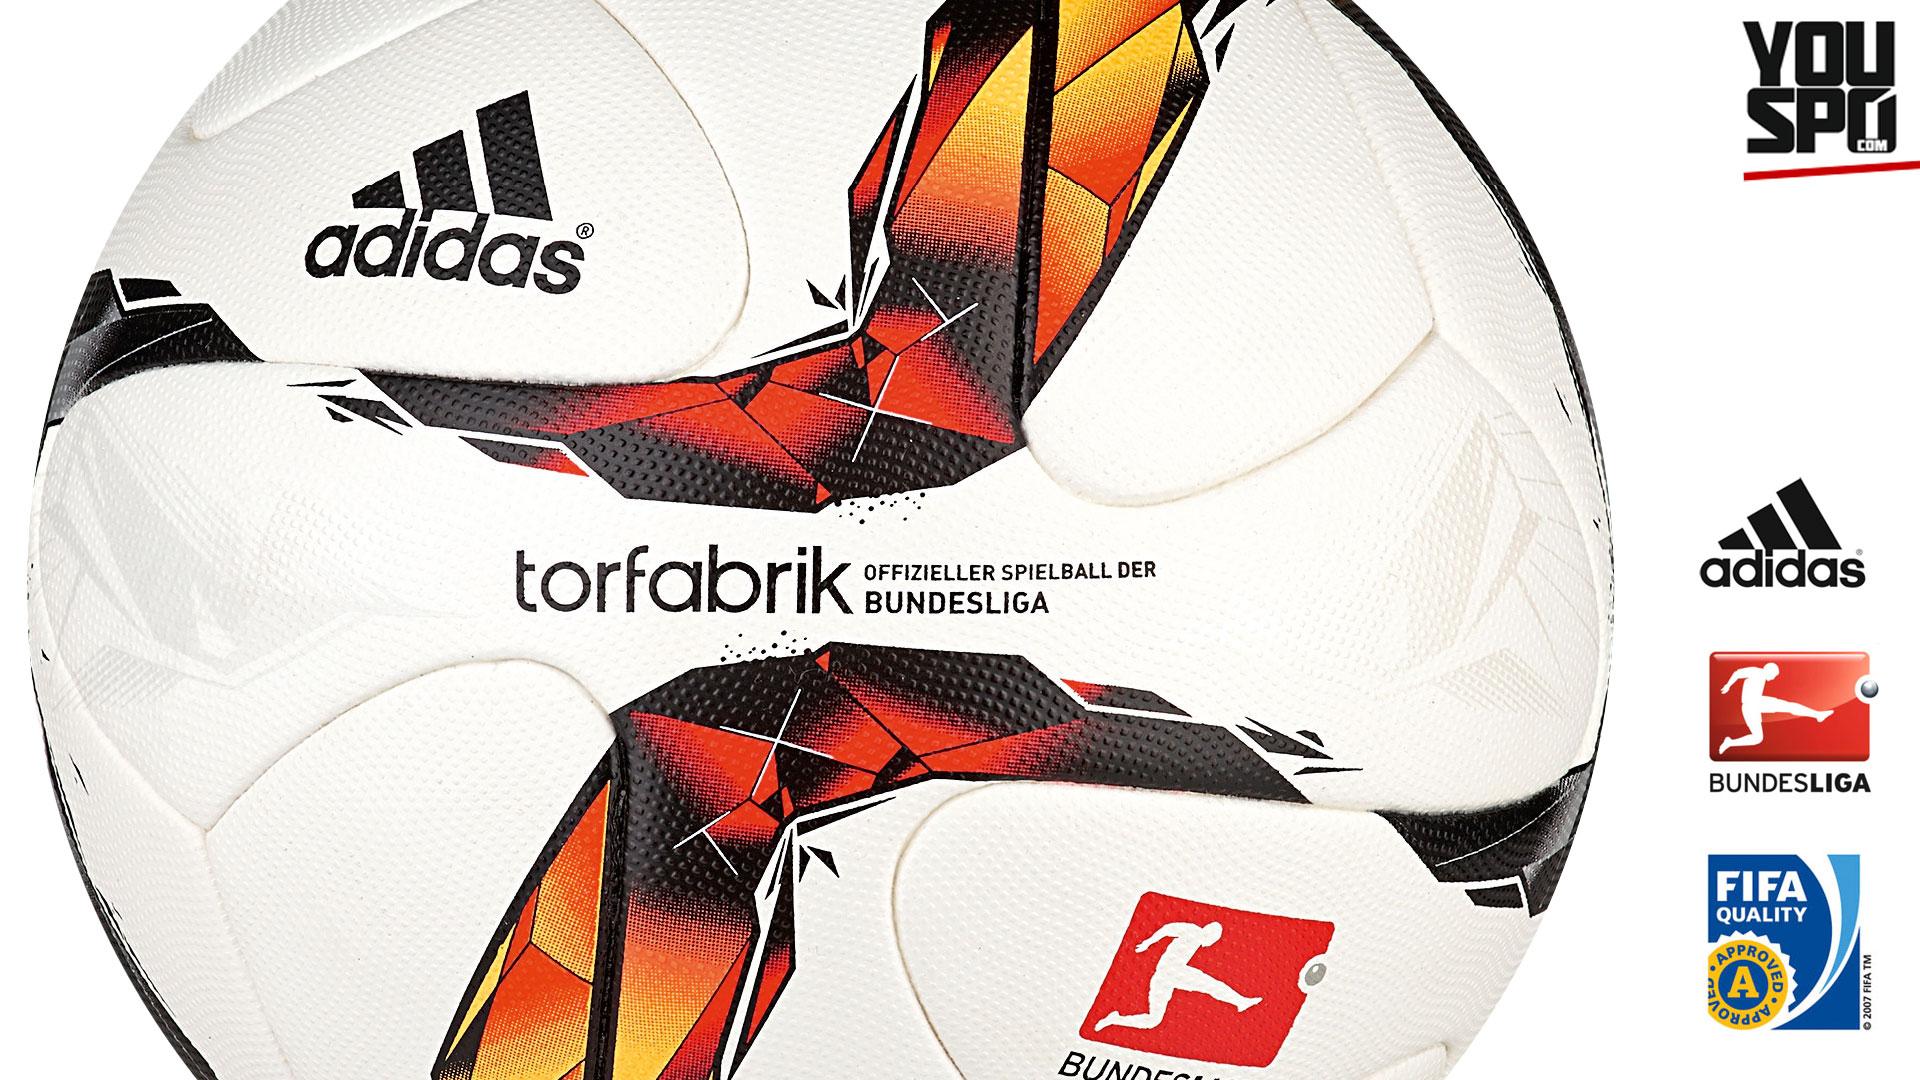 Adidas Torfarbik OMB 15/16 Matchball/Spielball (2015-2016)